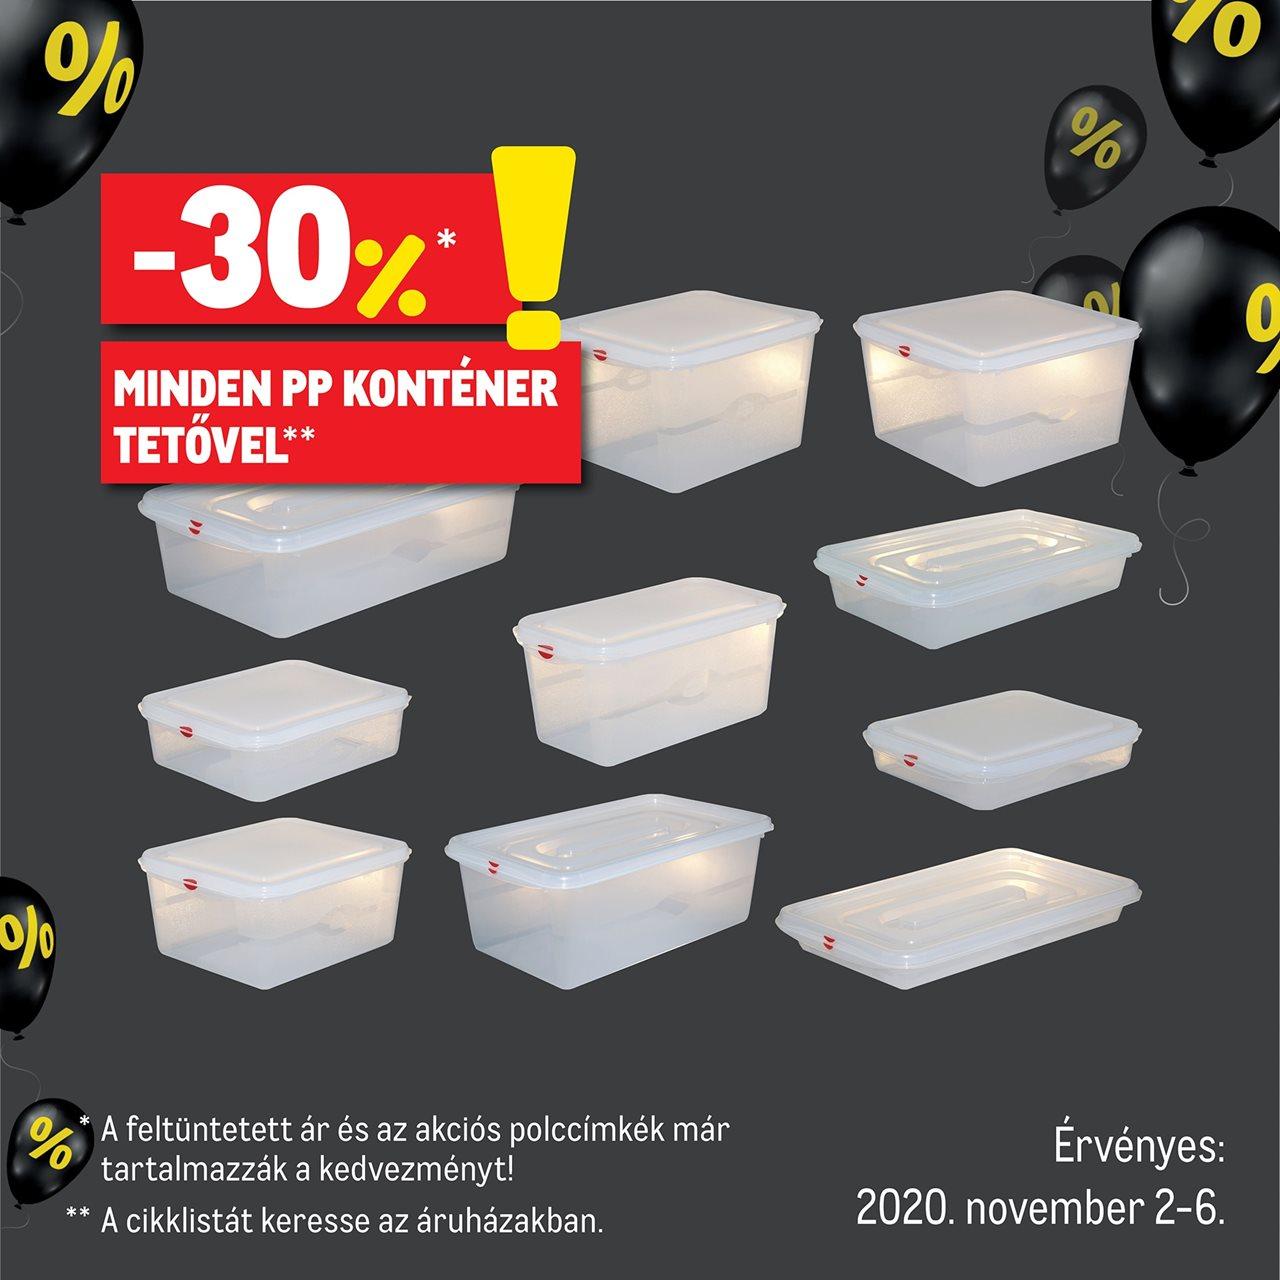 Minden PP konténer tetővel -30 % kedvezménnyel kapható!